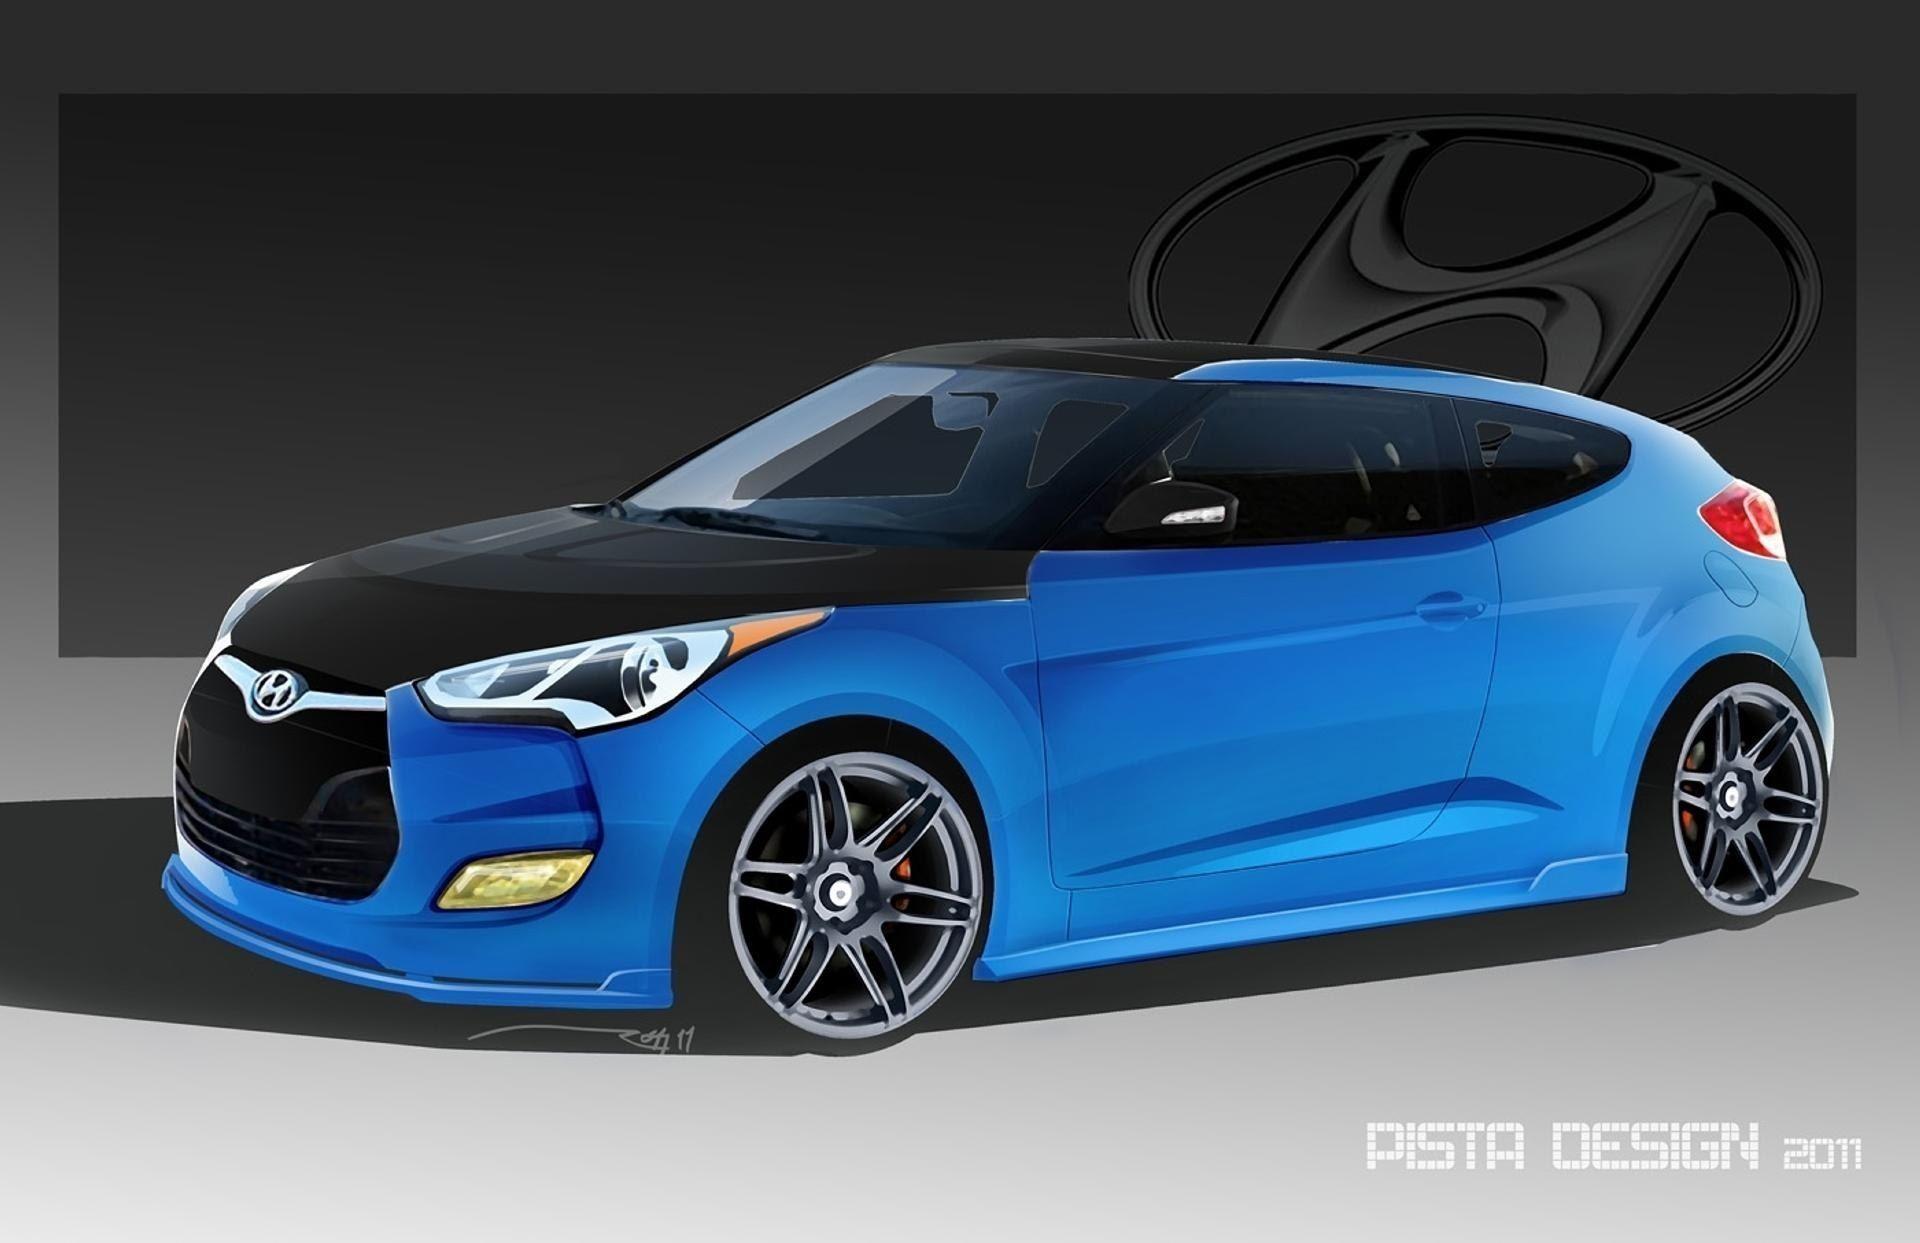 2020 Hyundai Veloster Cabrio Concept Specs And Design Hyundai Veloster Hyundai New Cars